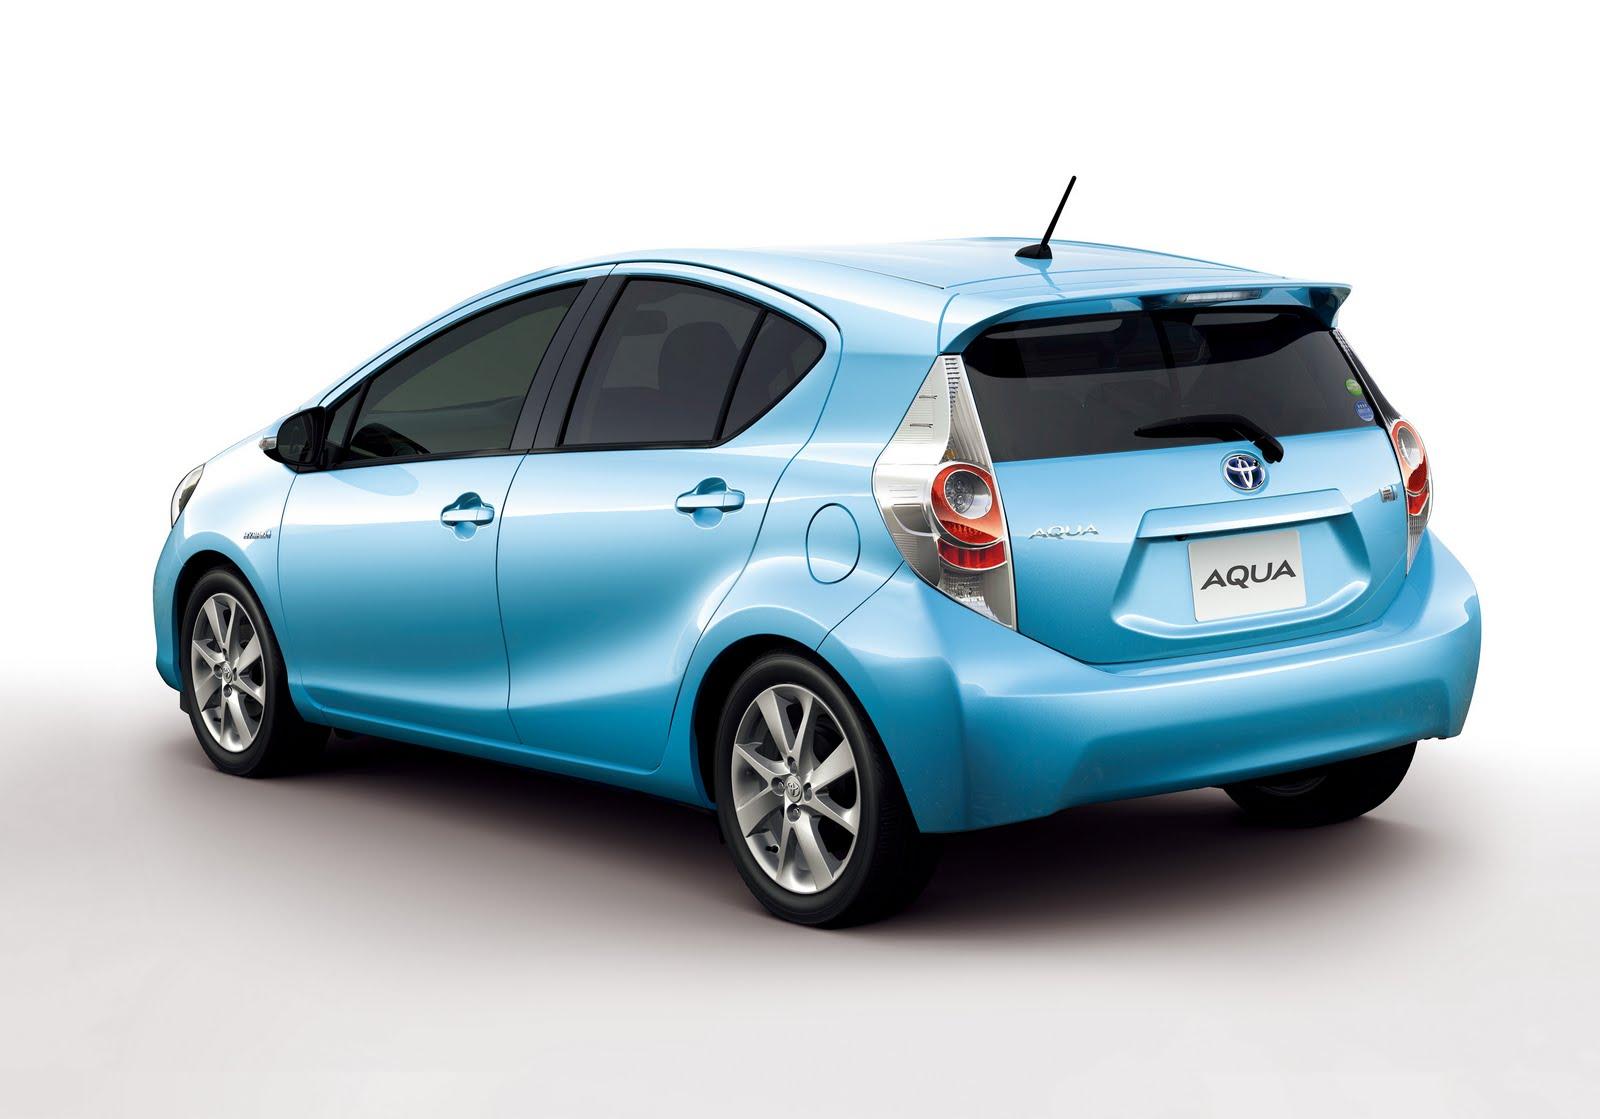 Toyota Aqua Prius C World S Most Fuel Efficient Hybrid